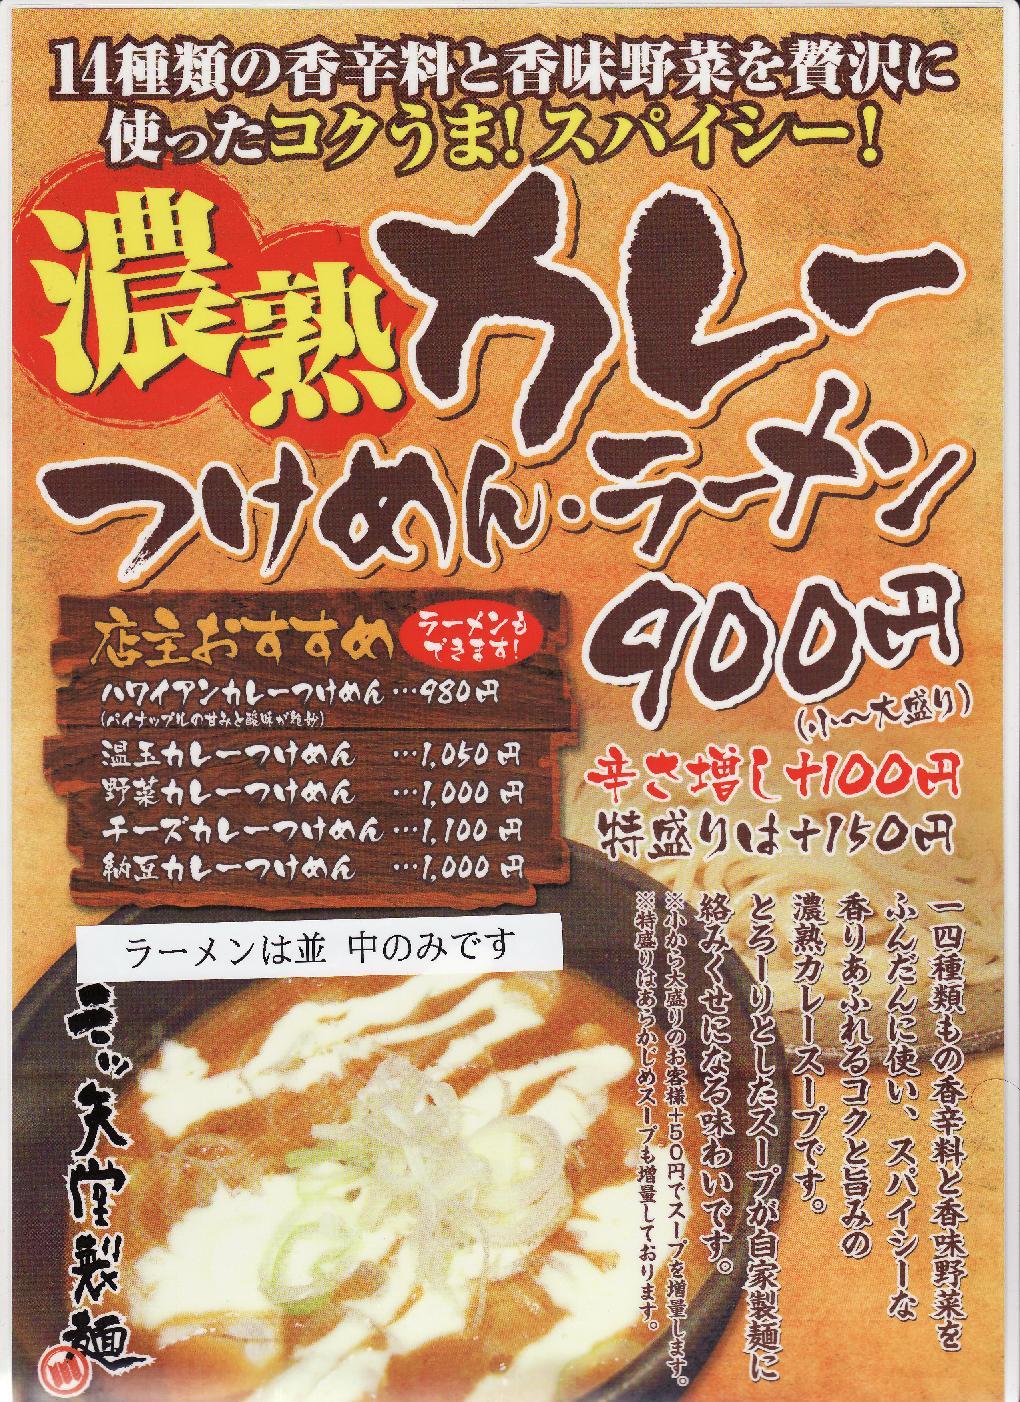 カレーラーメン&カレーつけ麺遂に登場!!!_e0173239_6231287.jpg